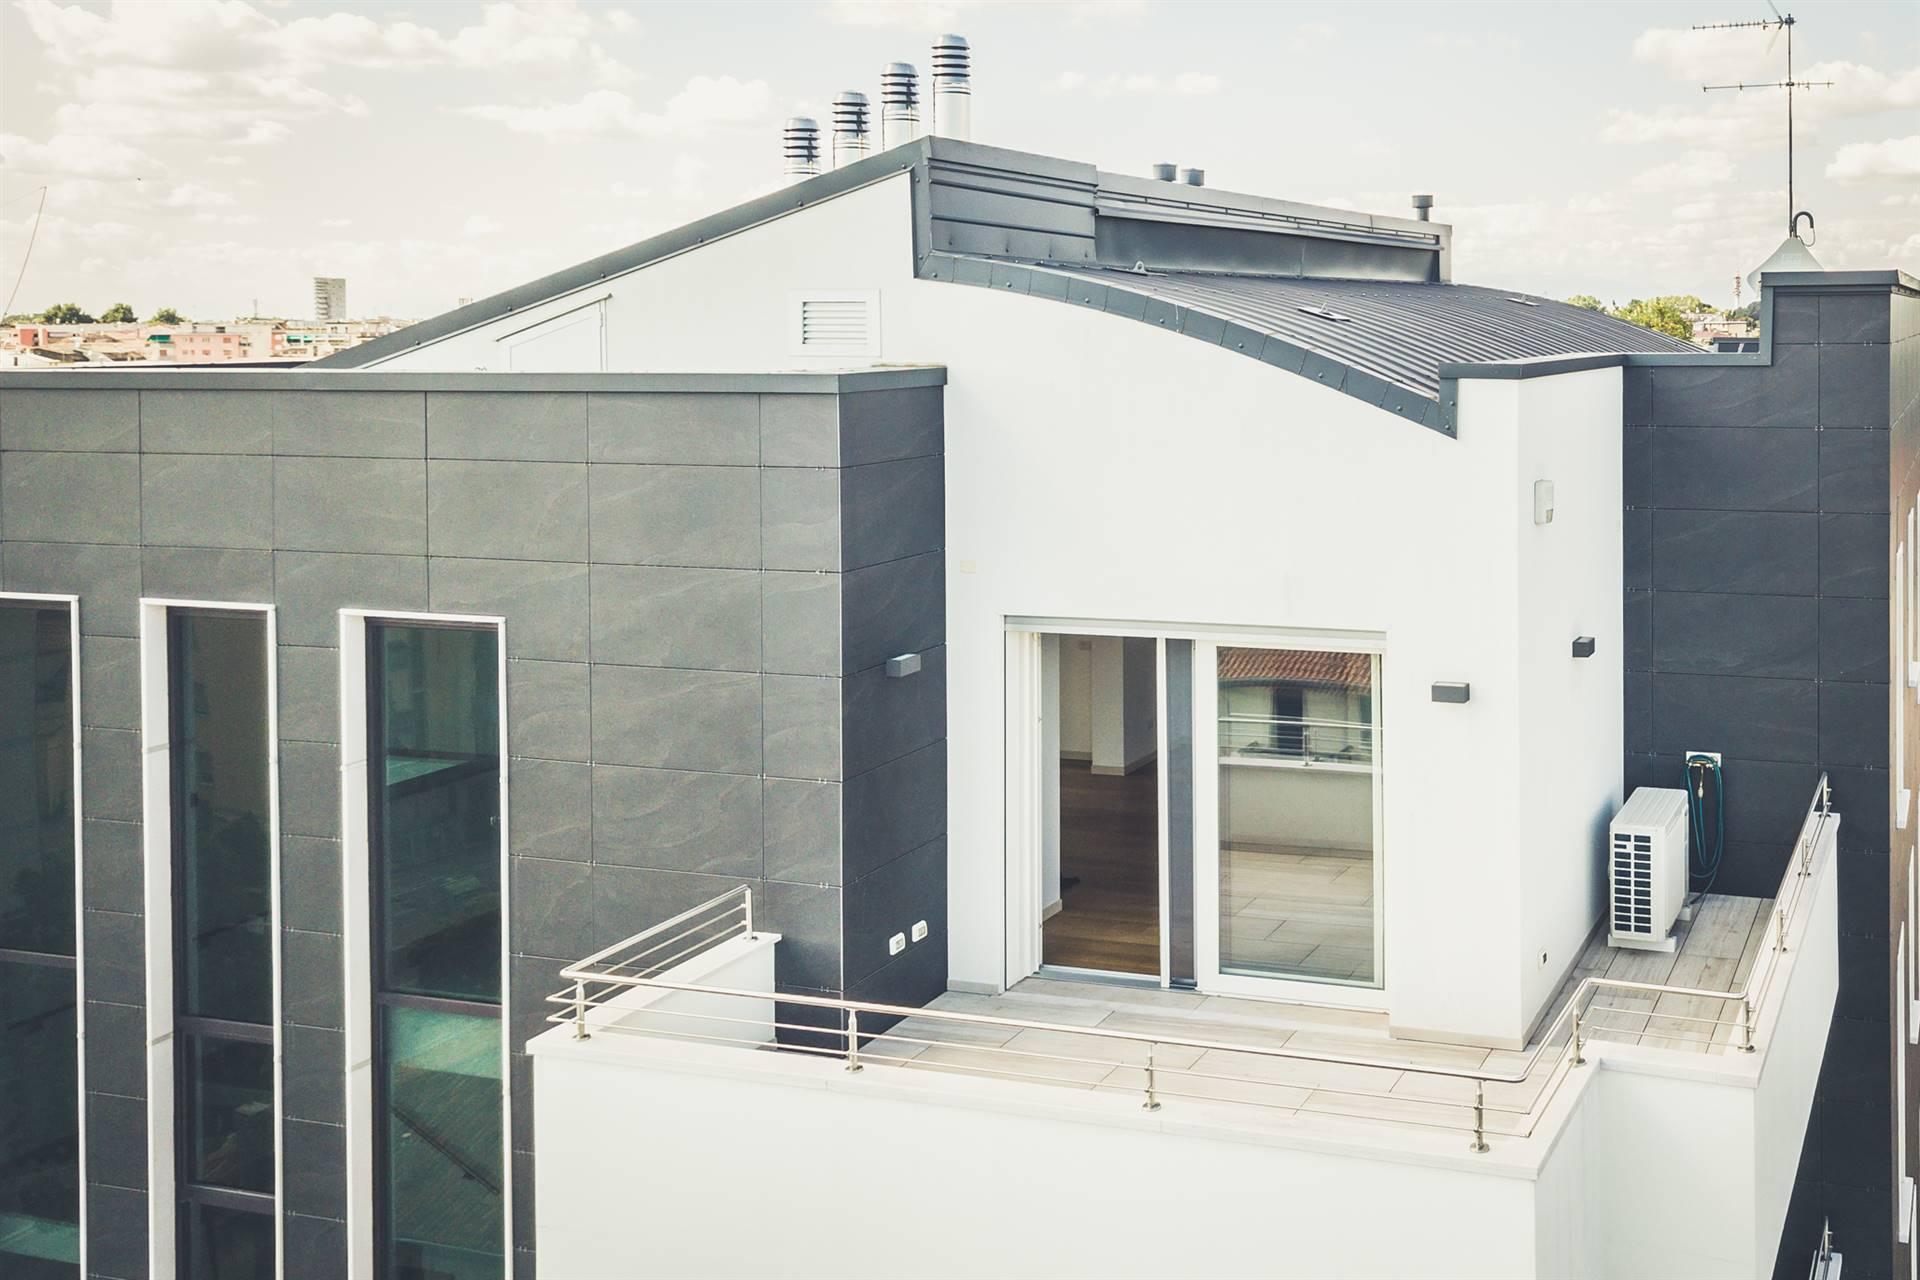 A due passi dal centro di Mestre, proponiamo in vendita un immobile unico nel suo genere posto al 6° ed ultimo piano di una palazzina di recentissima